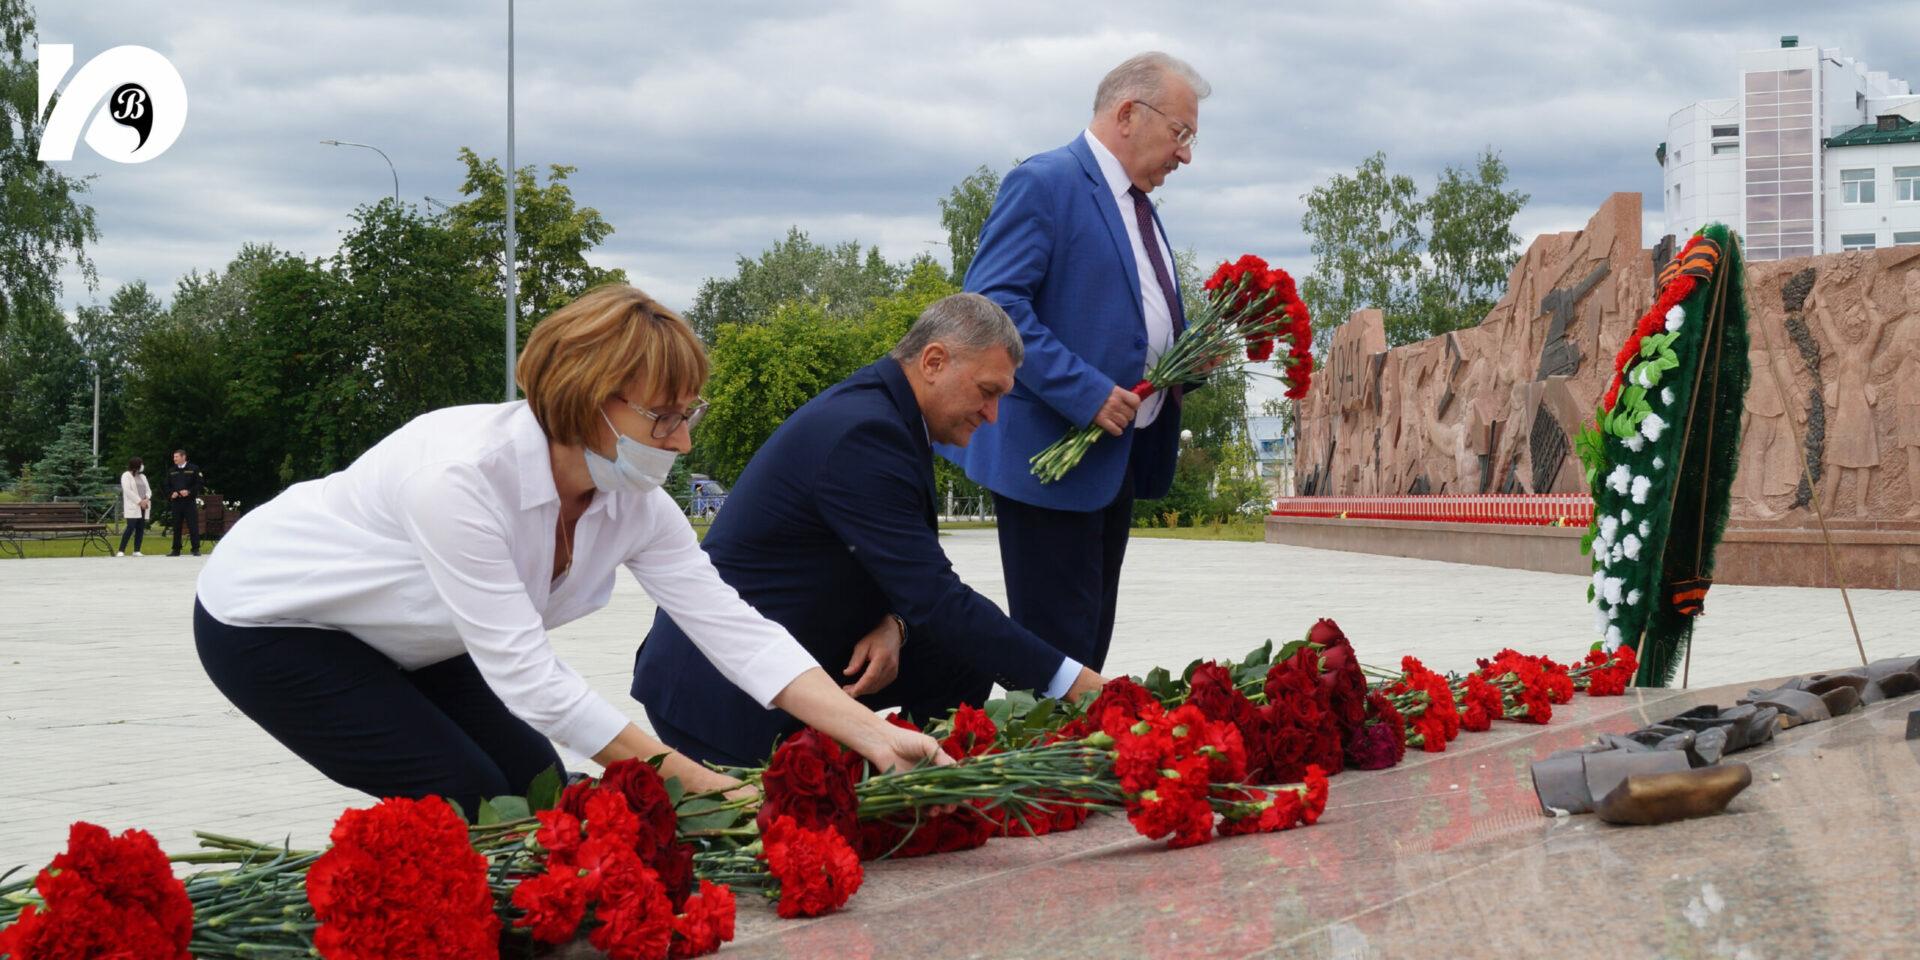 22 июня, в День памяти и скорби, югорчане пришли к мемориалу «Воинская слава», чтобы почтить героев, павших в боях Великой Отечественной войны.